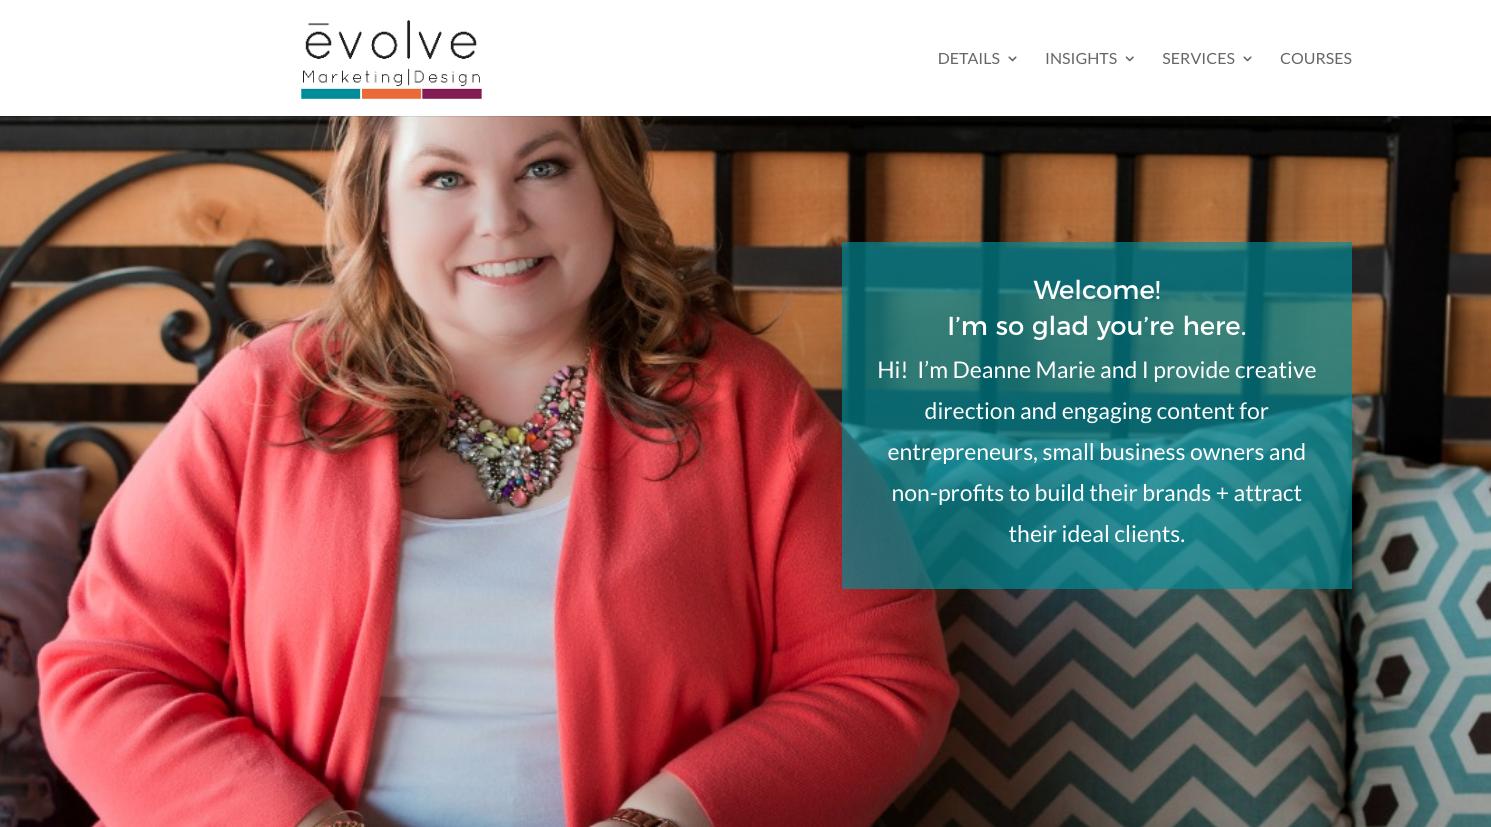 E-volve marketing and design